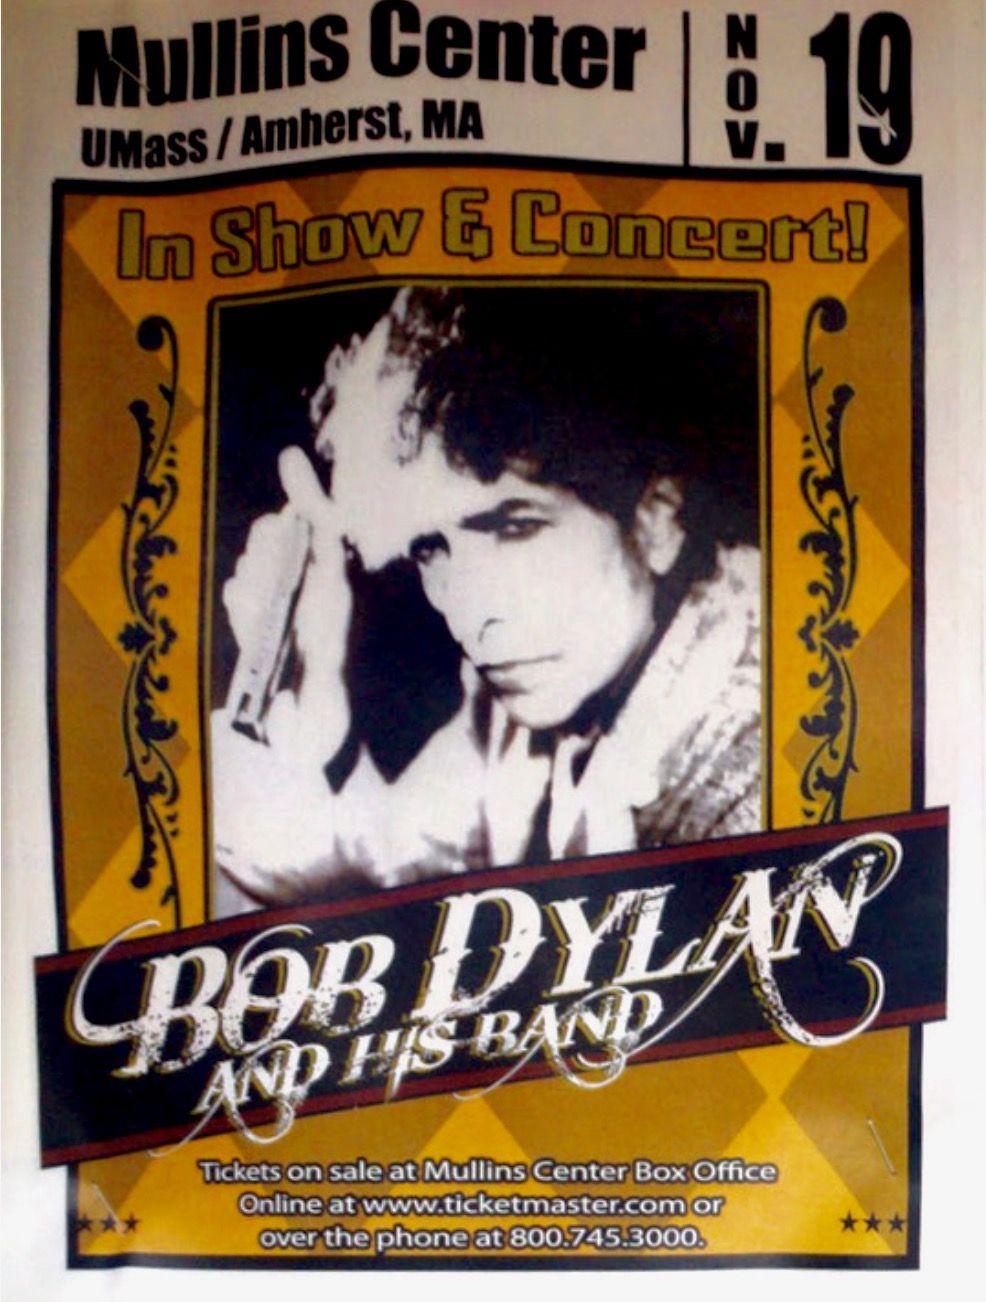 Bob Dylan Concert Nov. 19, 2010